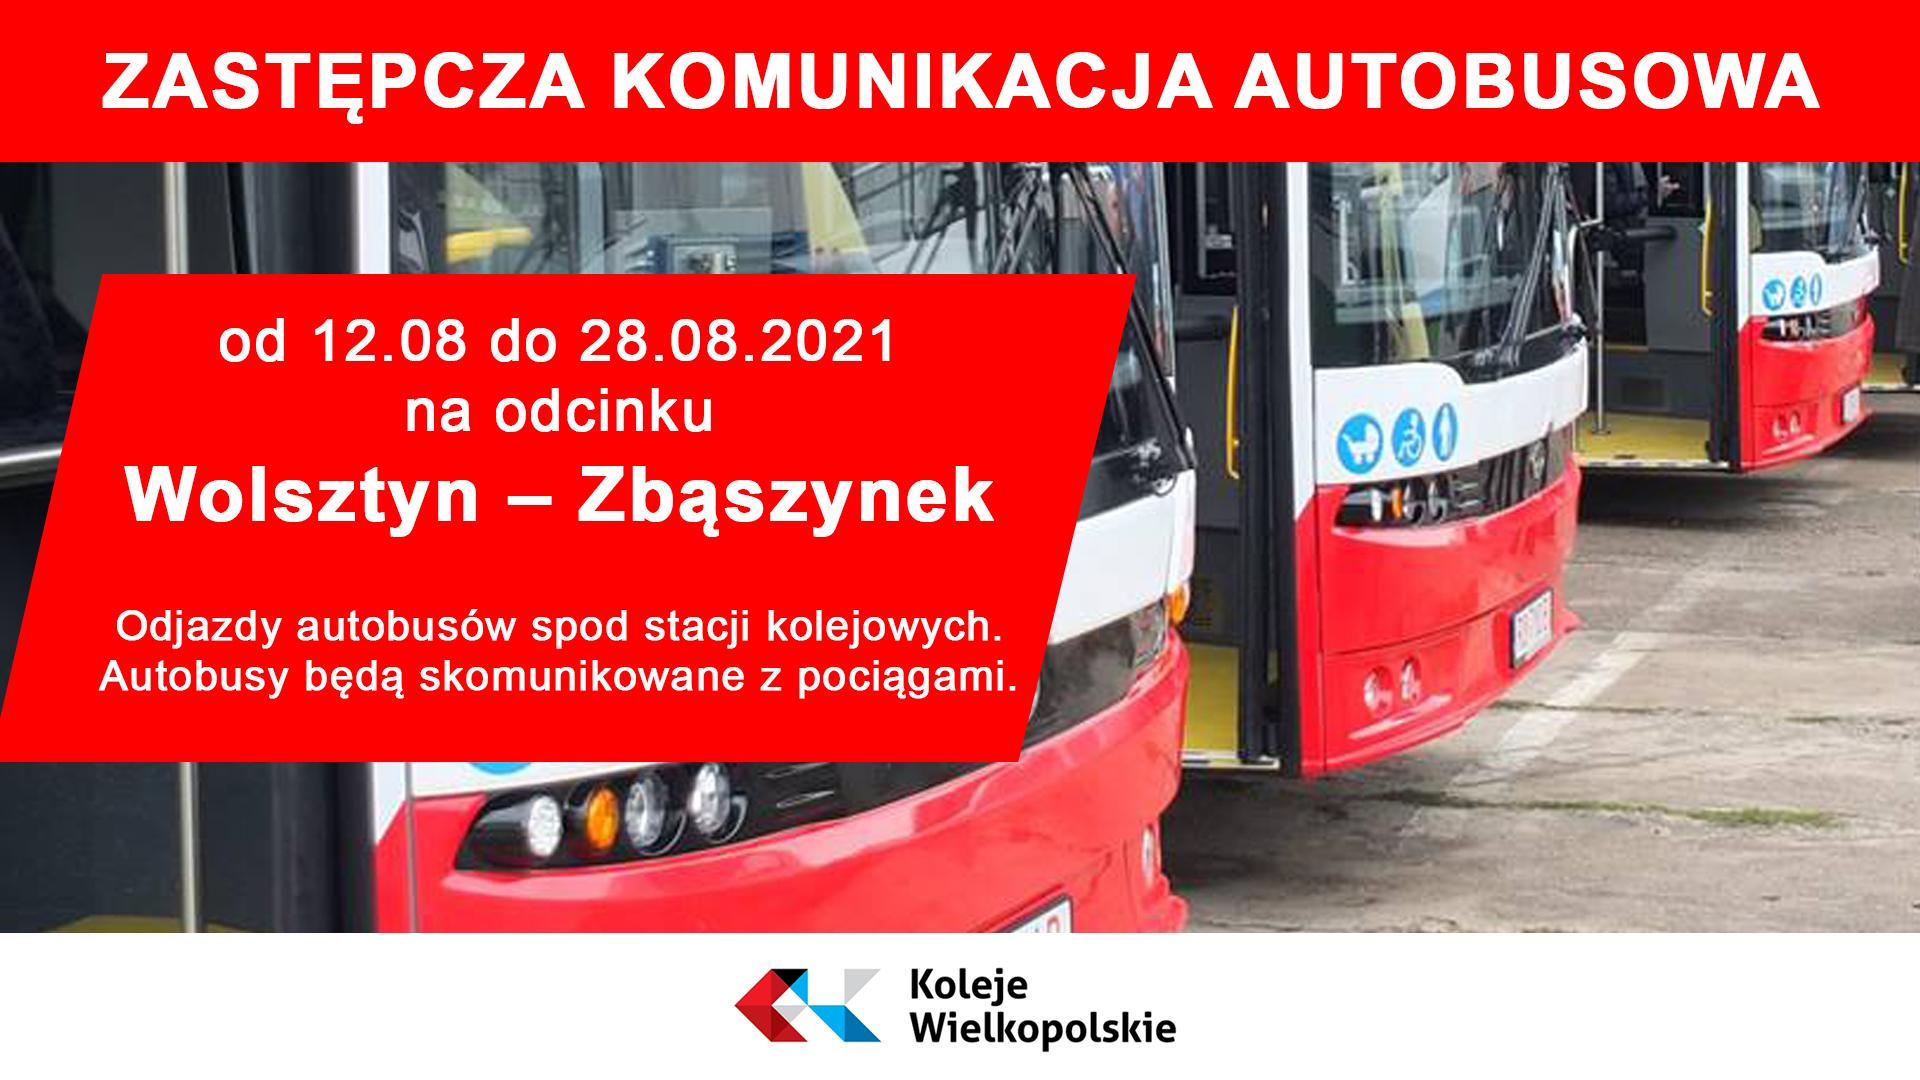 Informacja dotycząca zastępczej komunikacji autobusowej na odcinku Zbąszynek - Wolsztyn